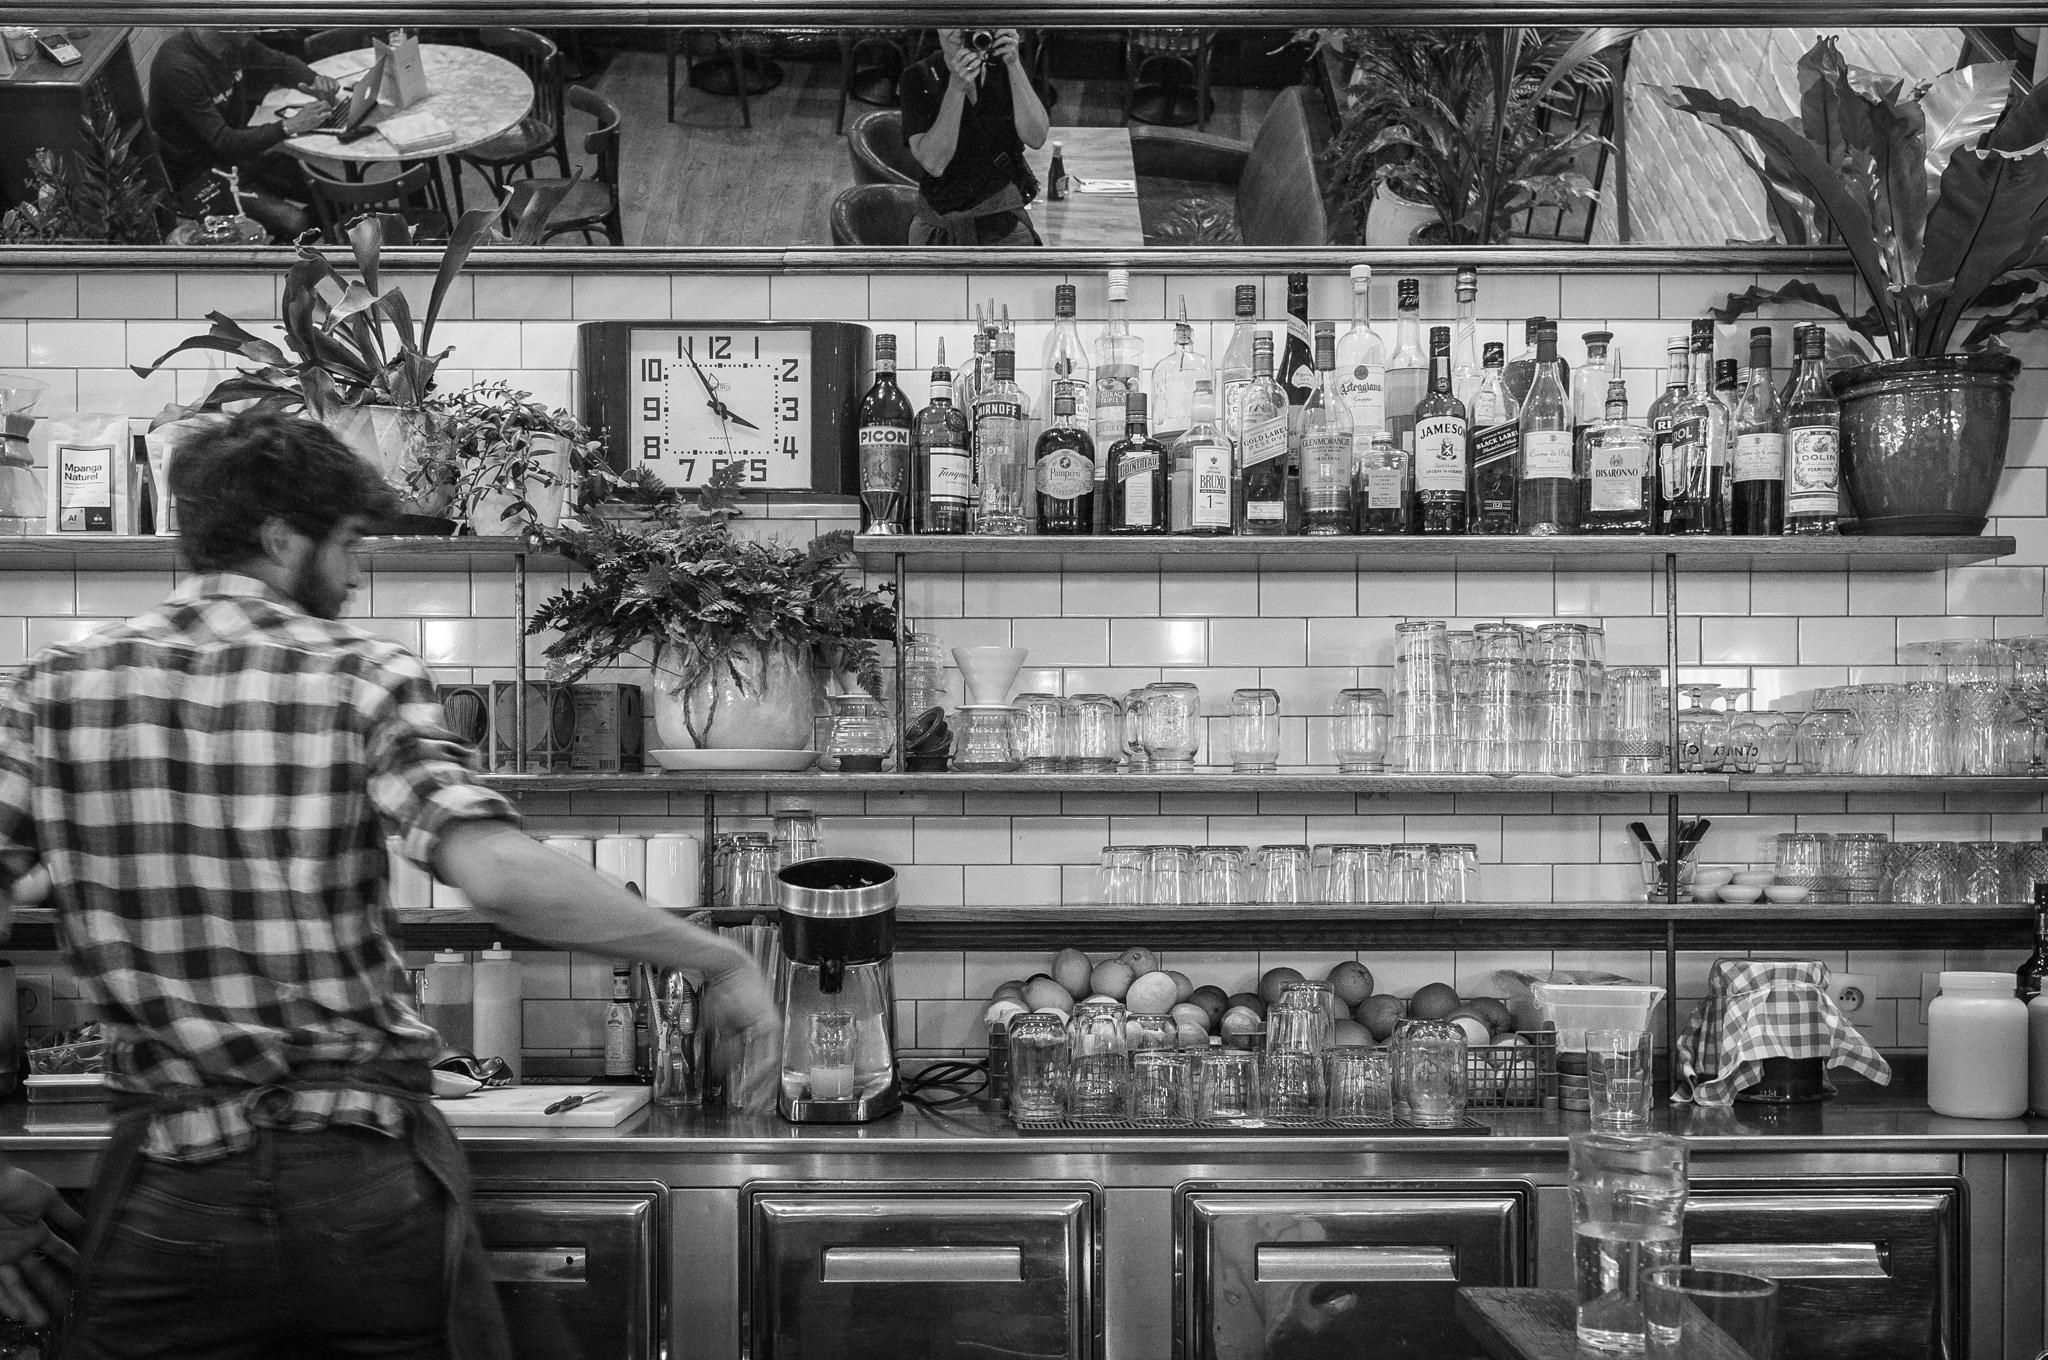 Café Loulou, Paris